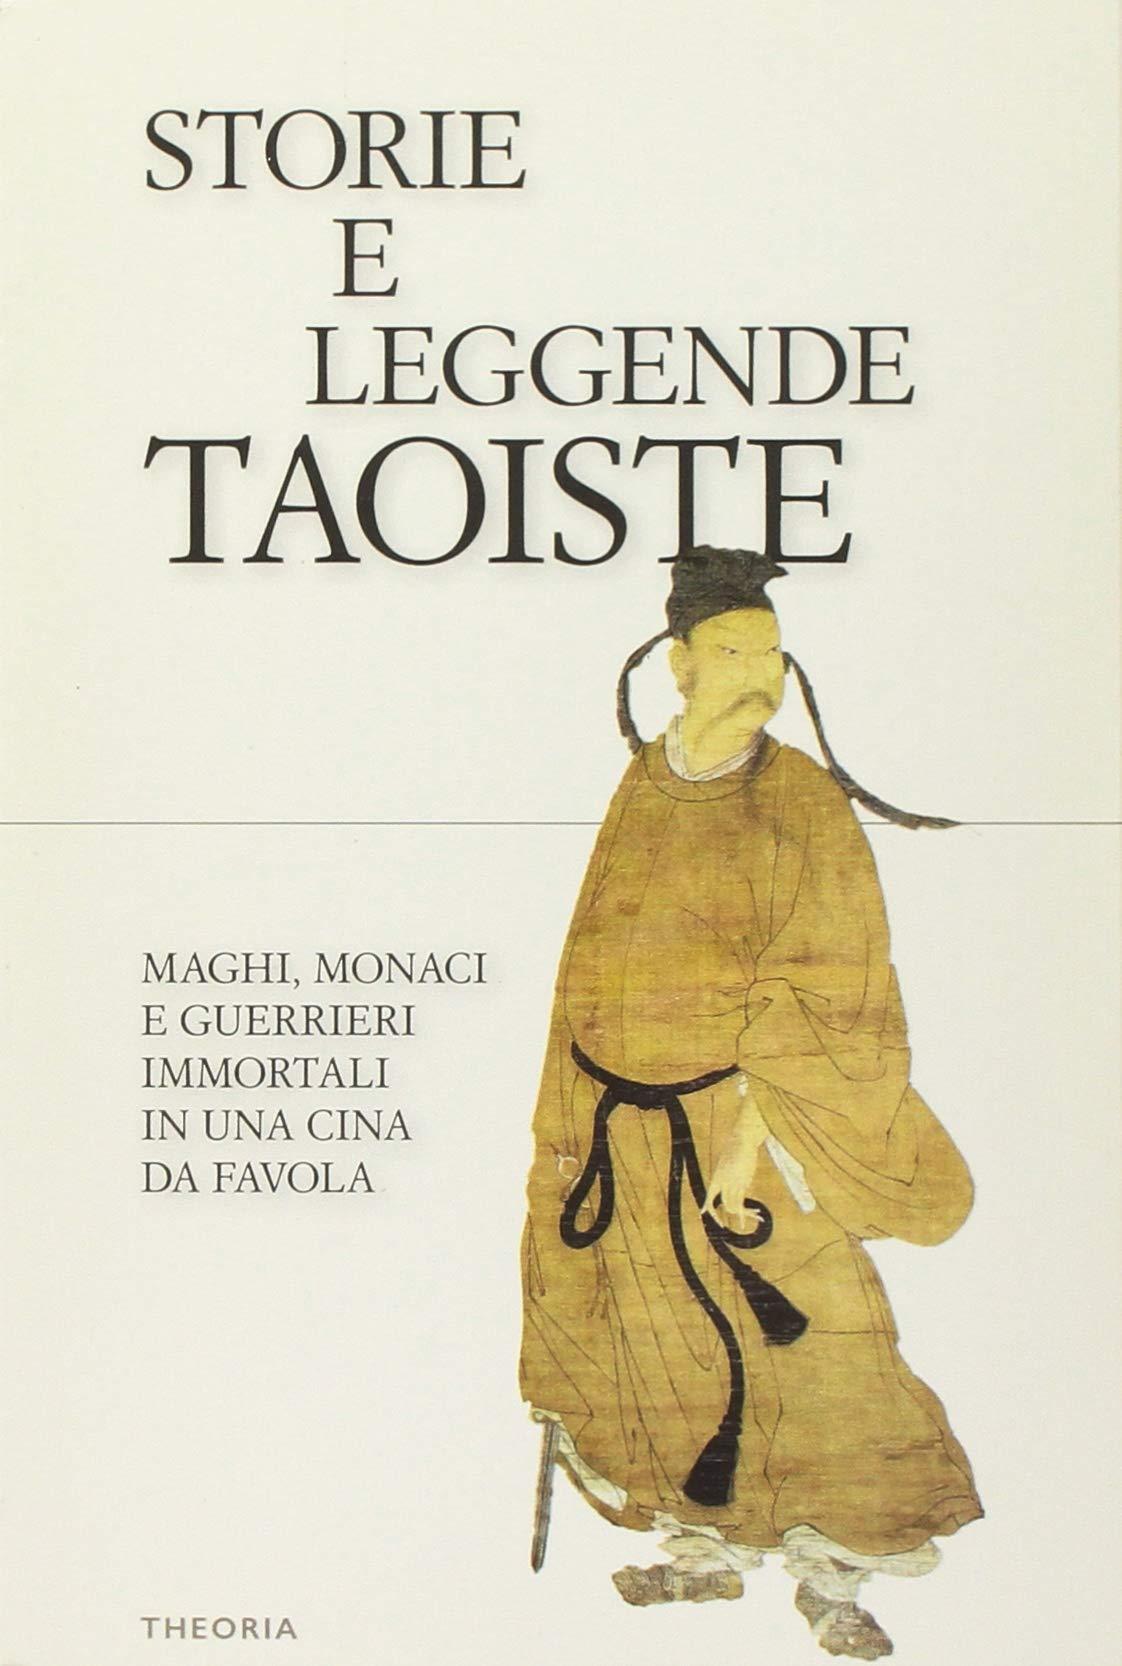 Storie e leggende taoiste